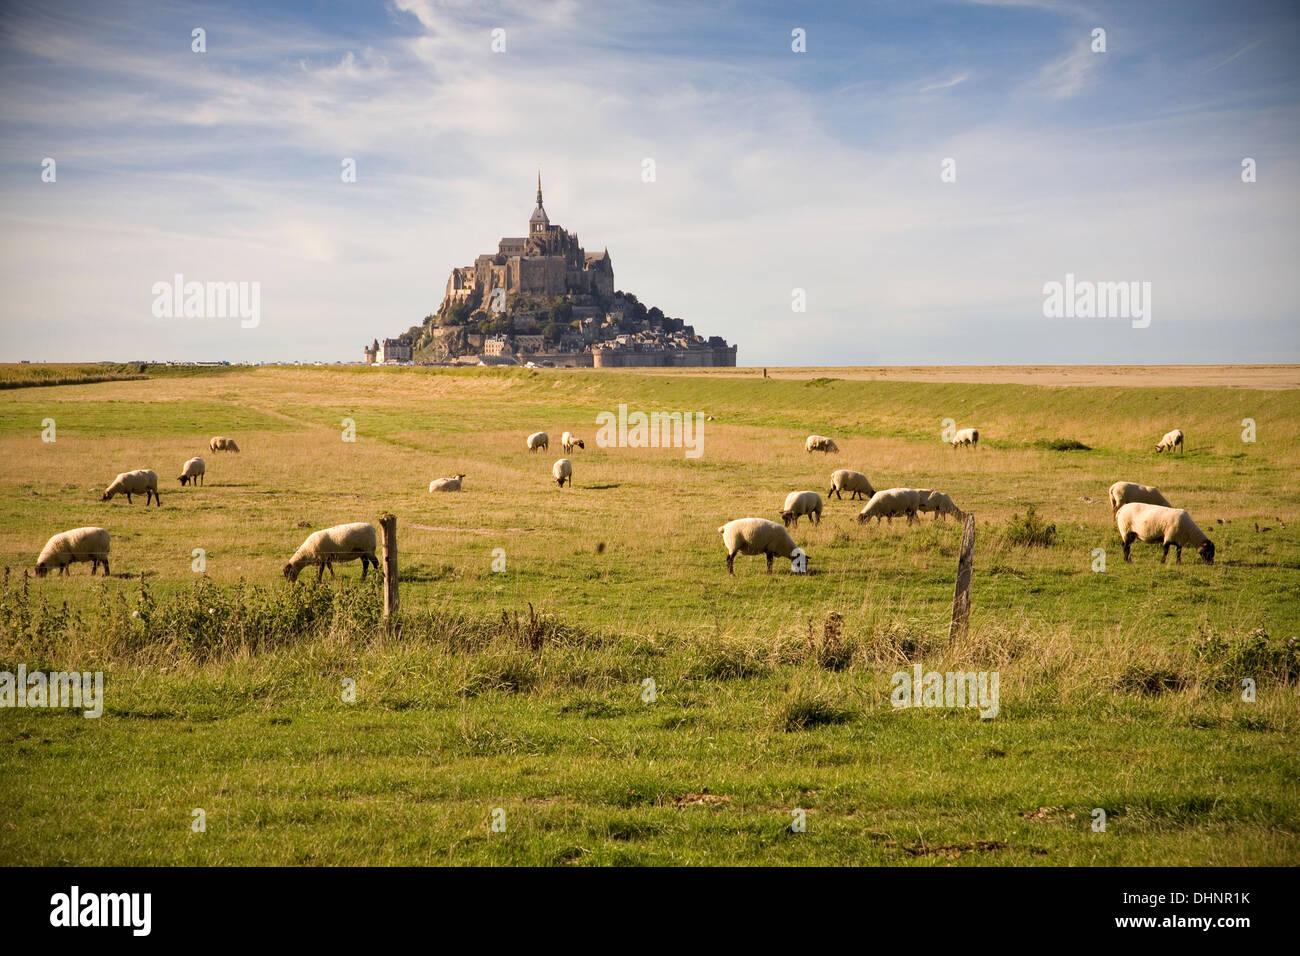 Le Mont Saint-Michel und Schafe auf der Weide Stockfoto